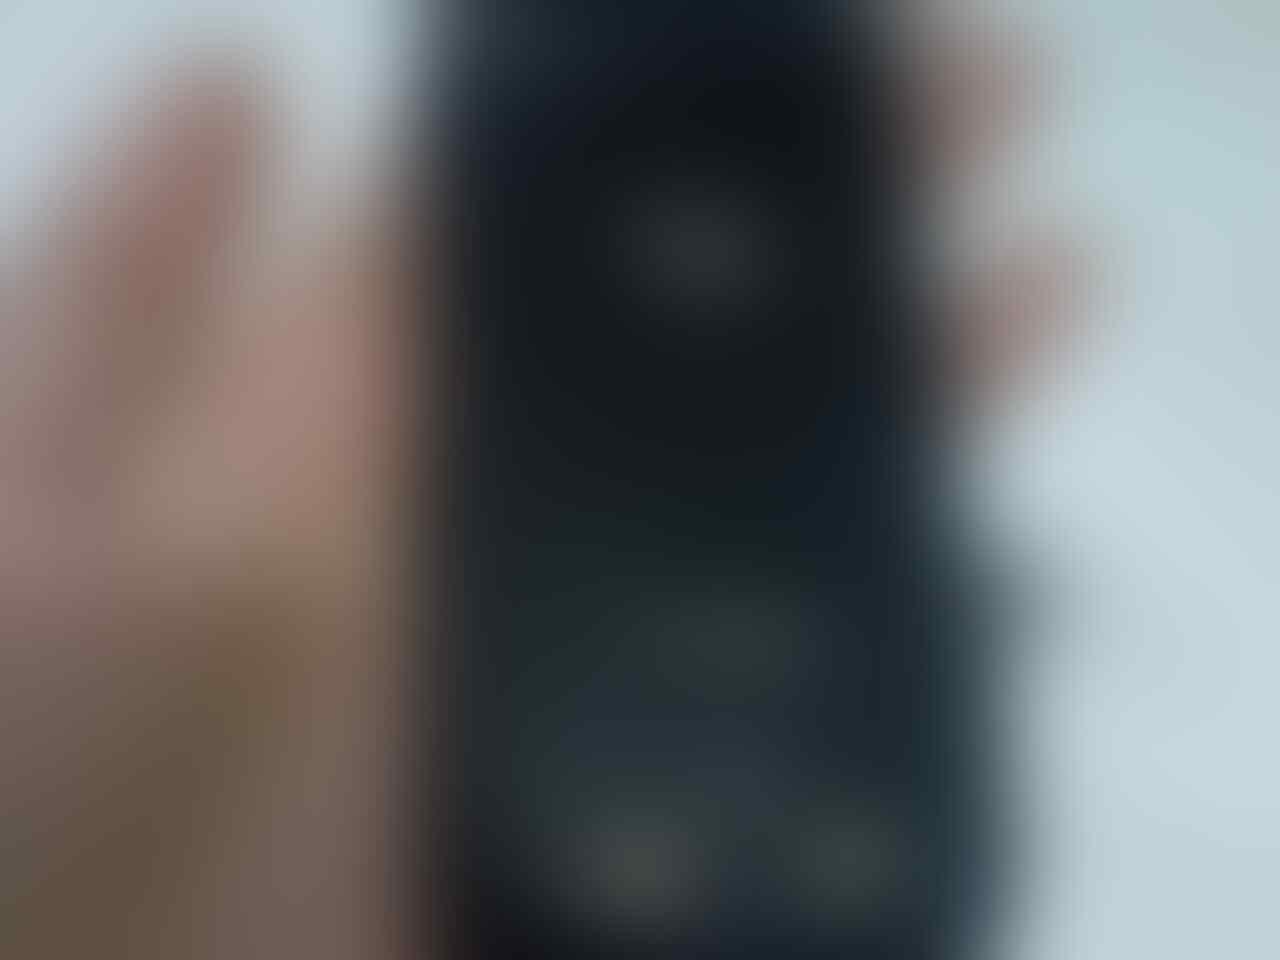 BLACKBERRY PEARL 8220 FLIP